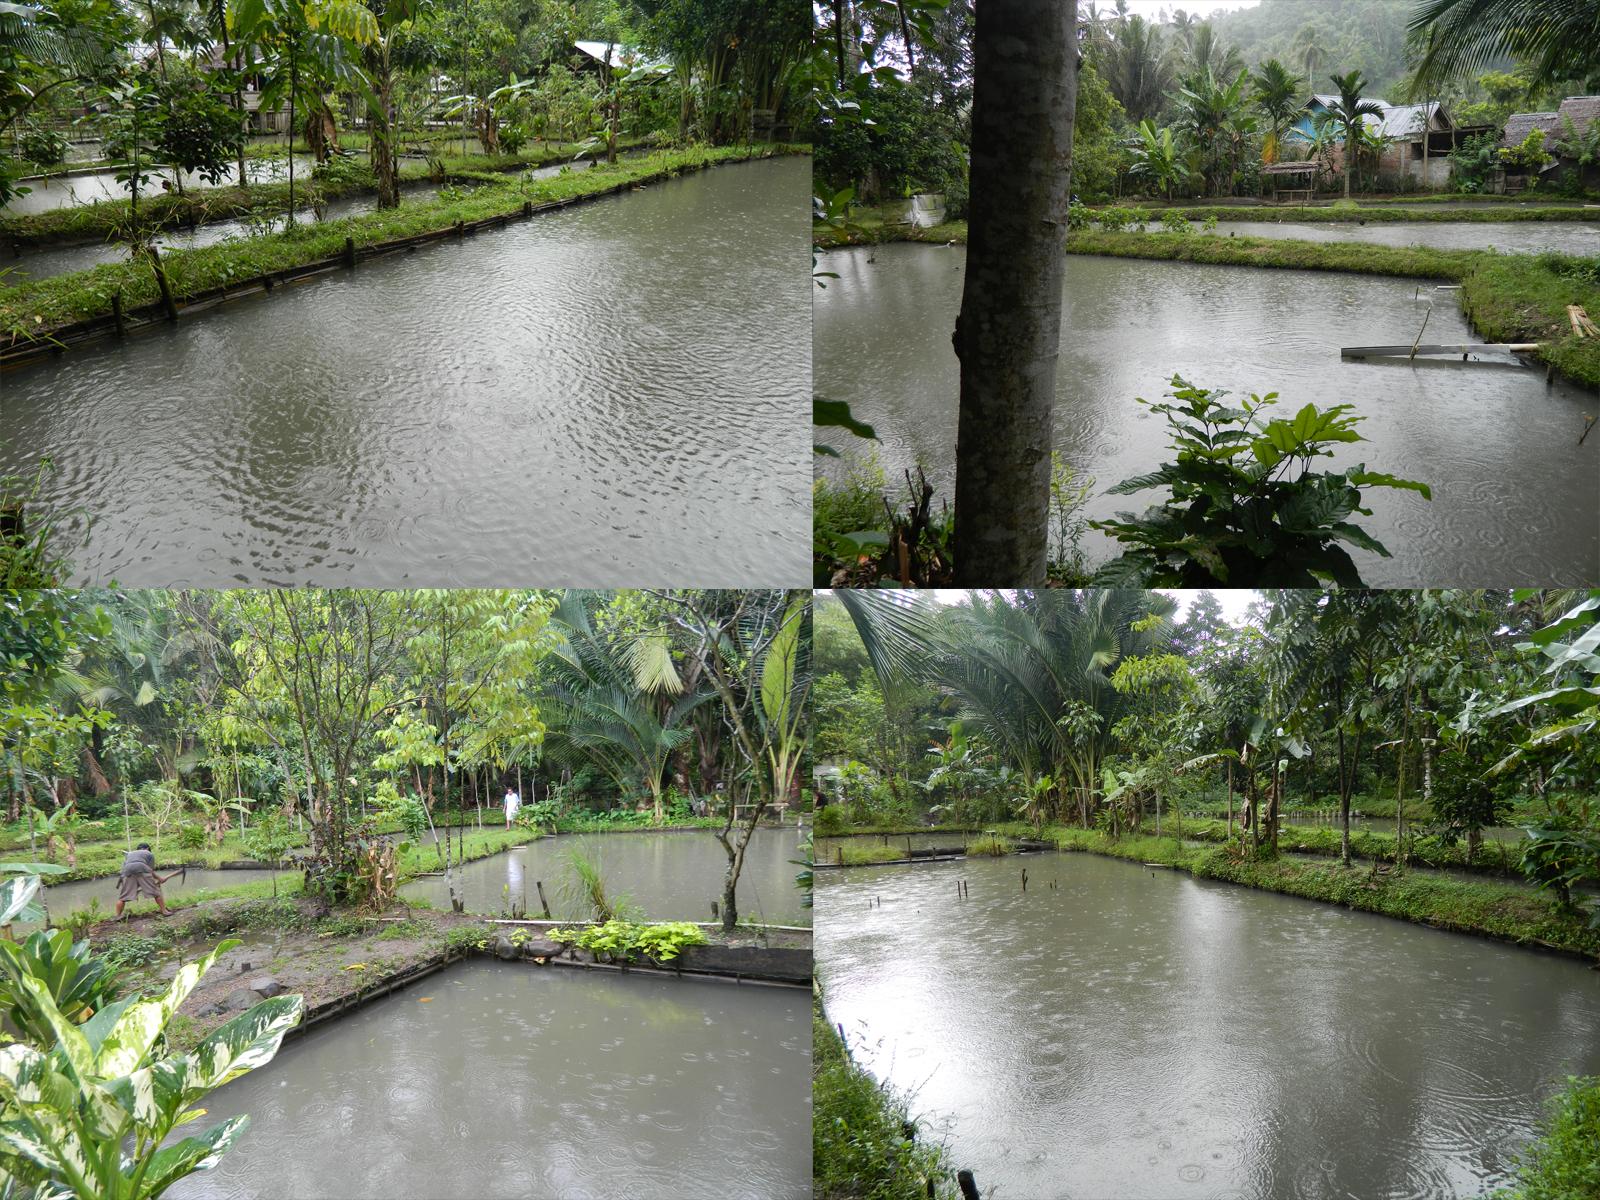 kolam - kolam pembesaran ikan nila gesit dan bawal air tawar pokdakan tolutug mandiri